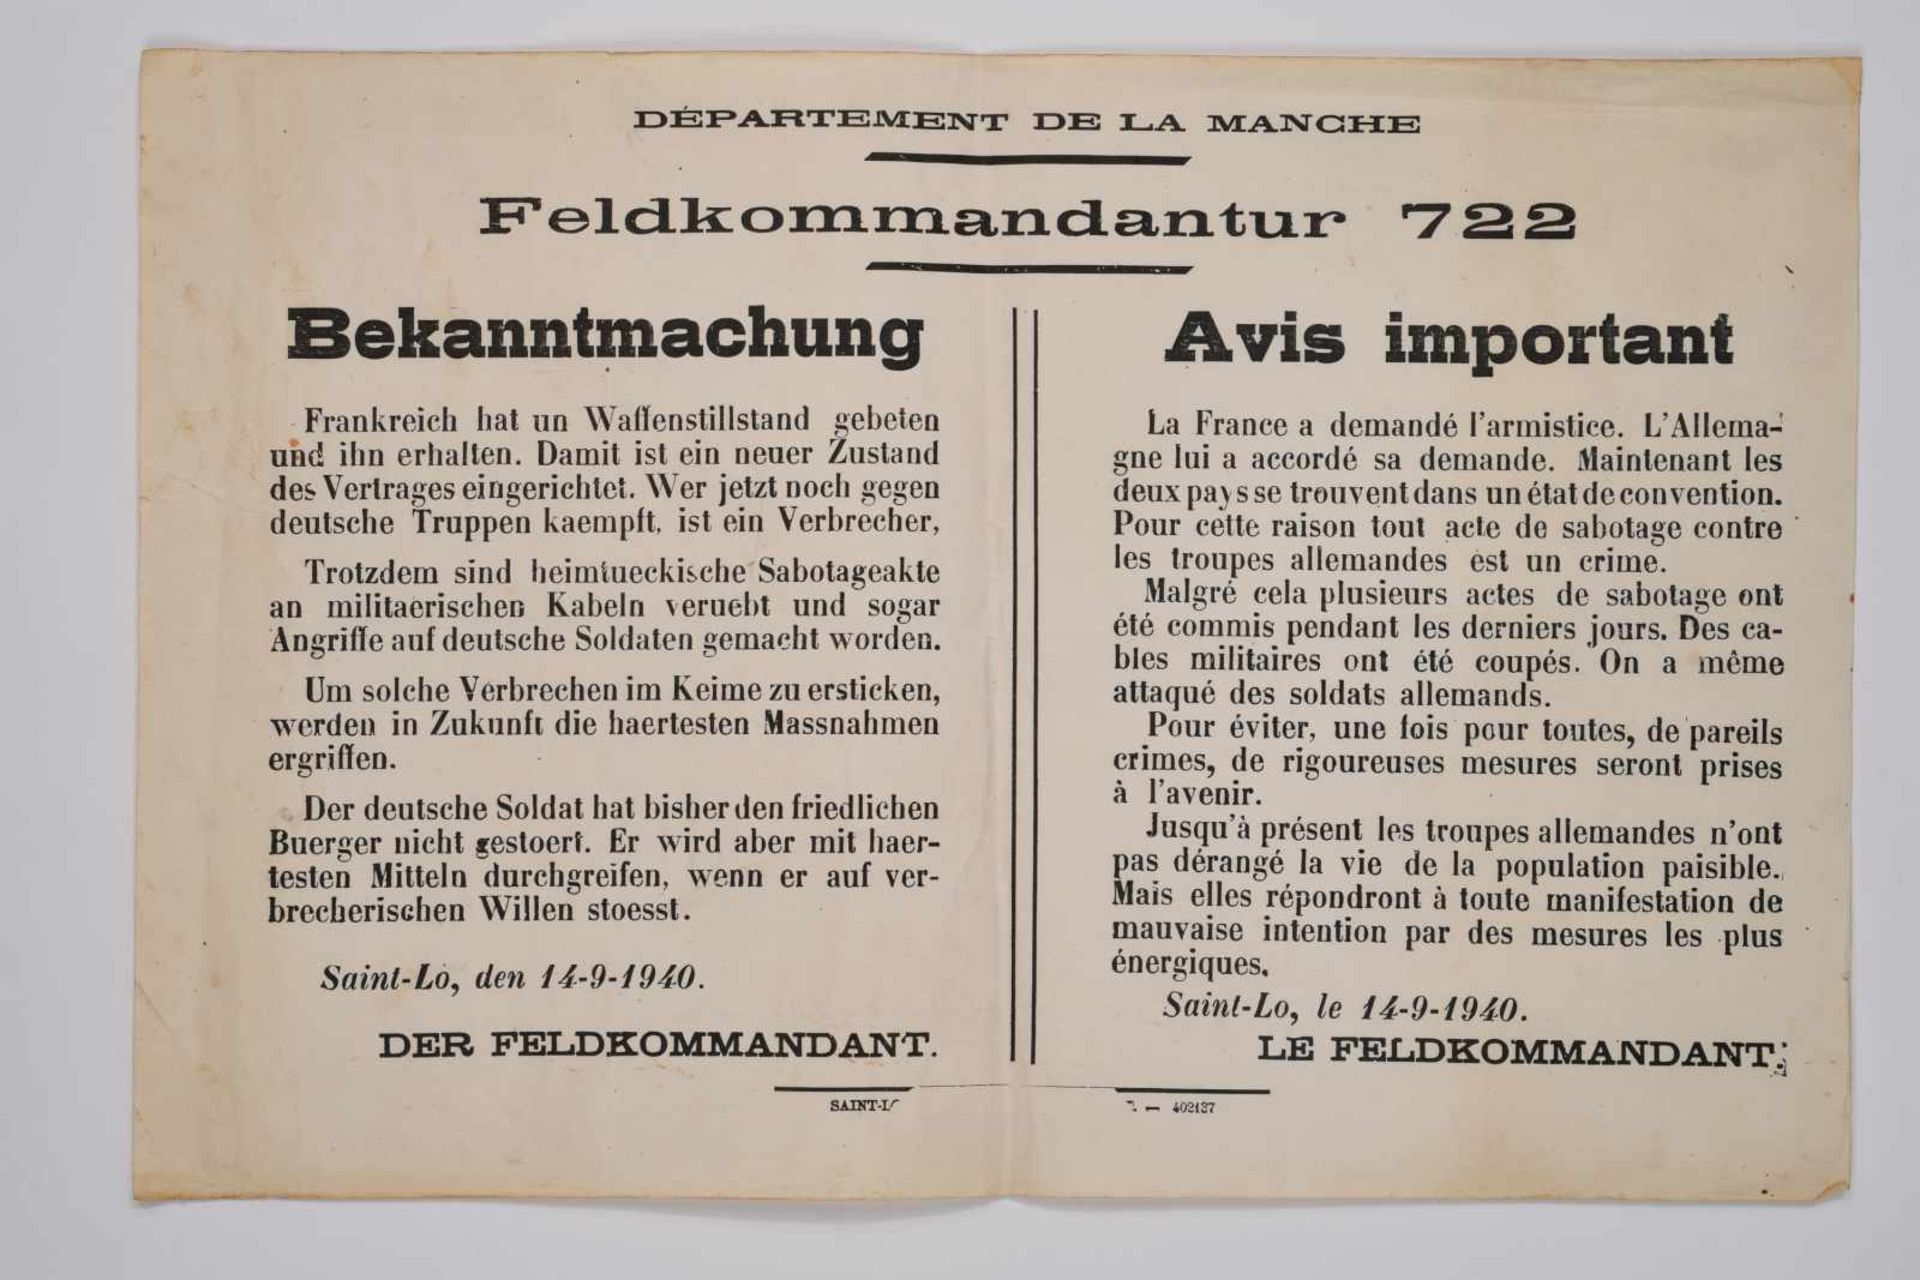 Affiche de la Feldkomandanture de Saint-Lô. Sur papier blanc, probablement une ancienne